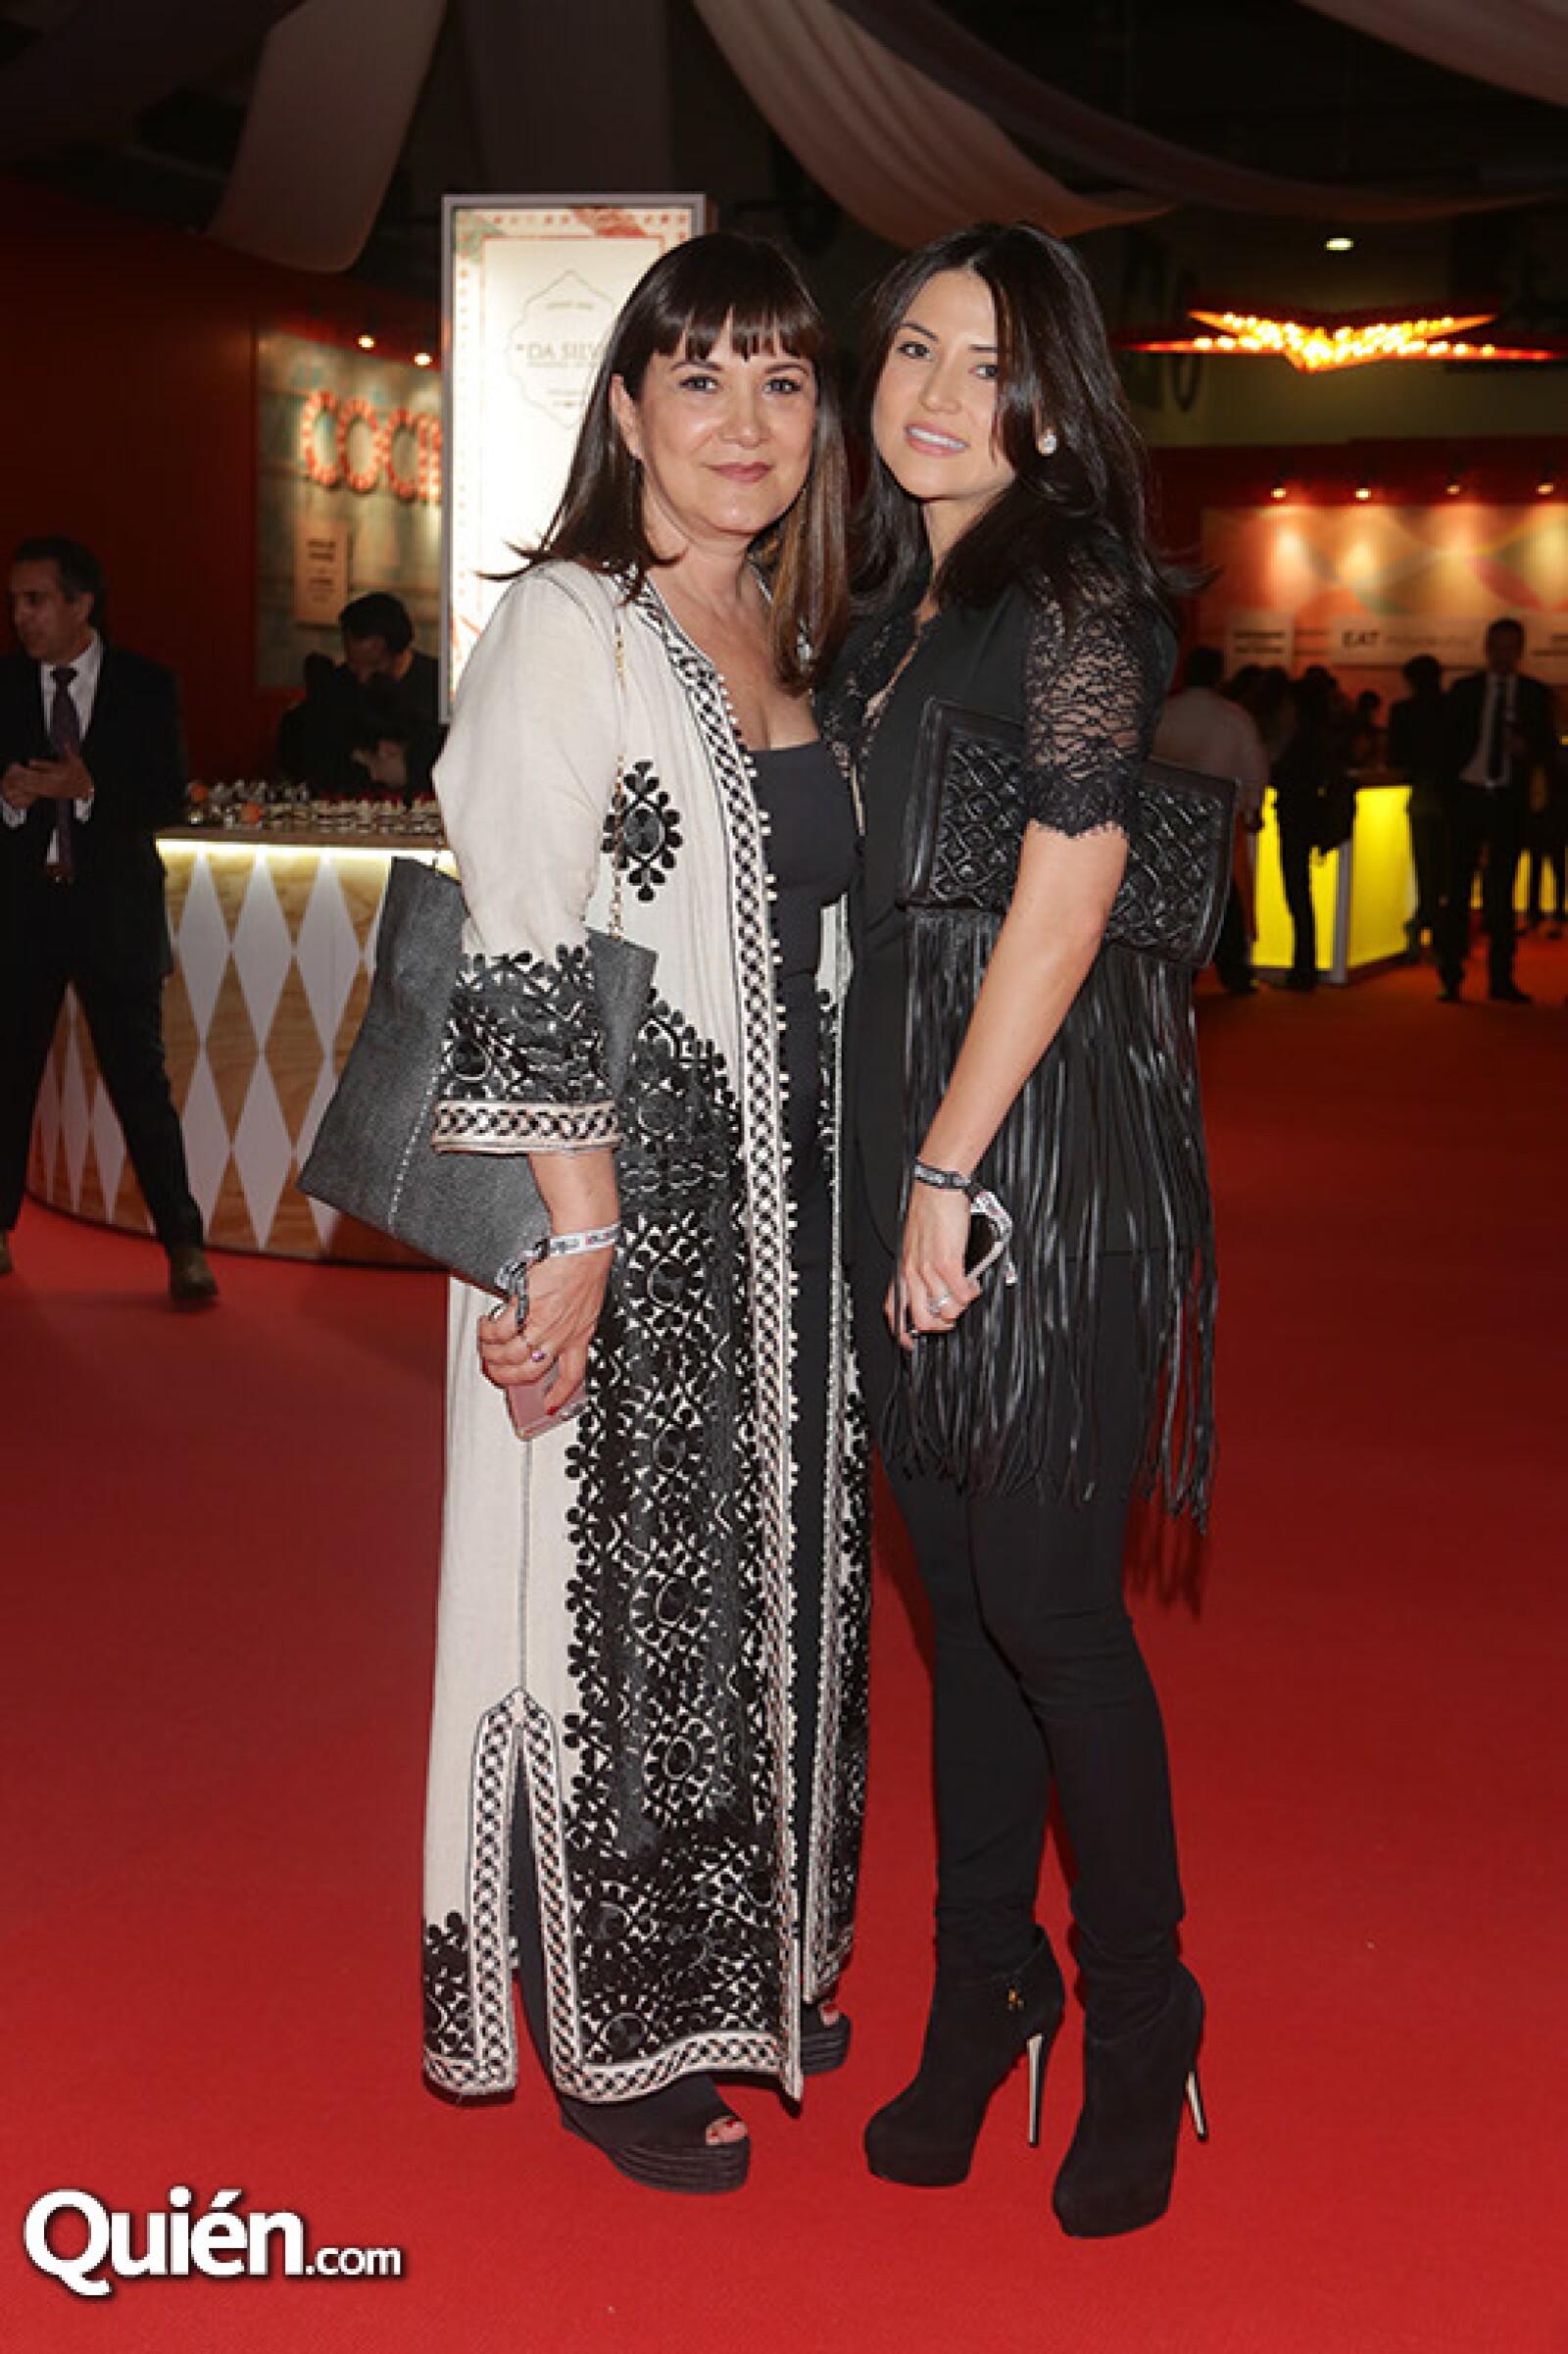 Enriqueta Sánchez y Dioselín Salas